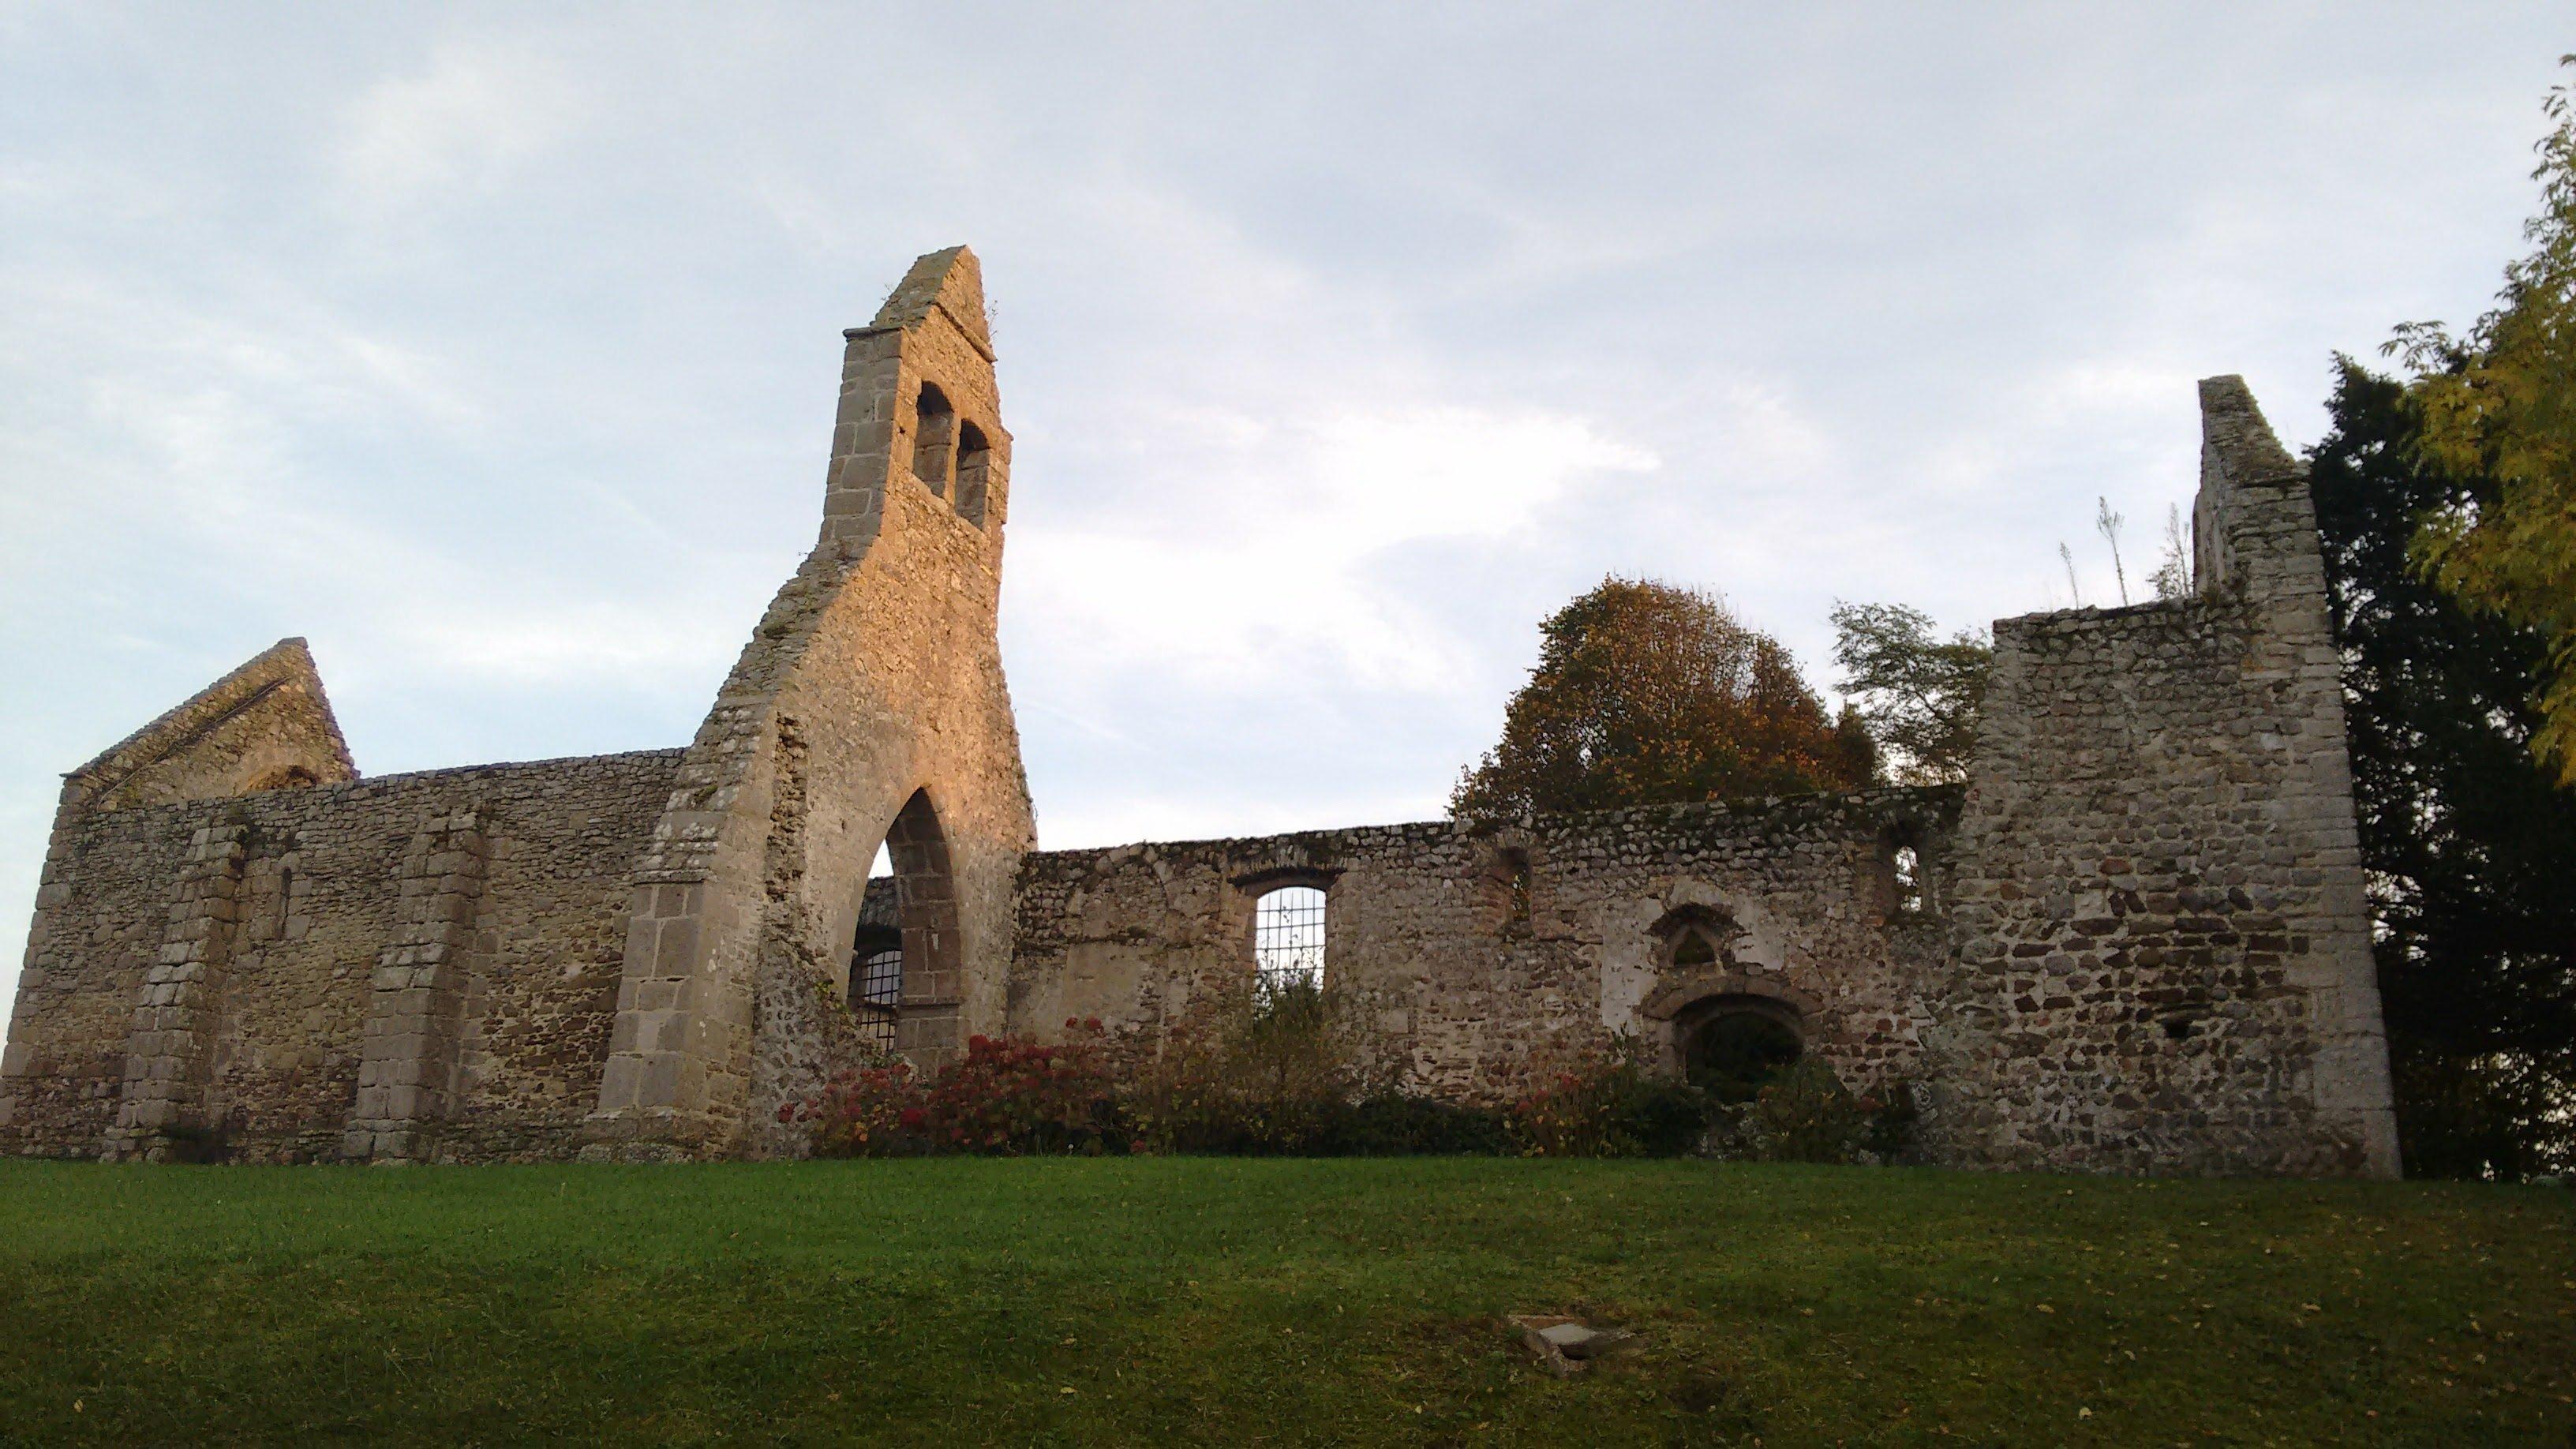 Saint-Martin le Vieux, Normandy